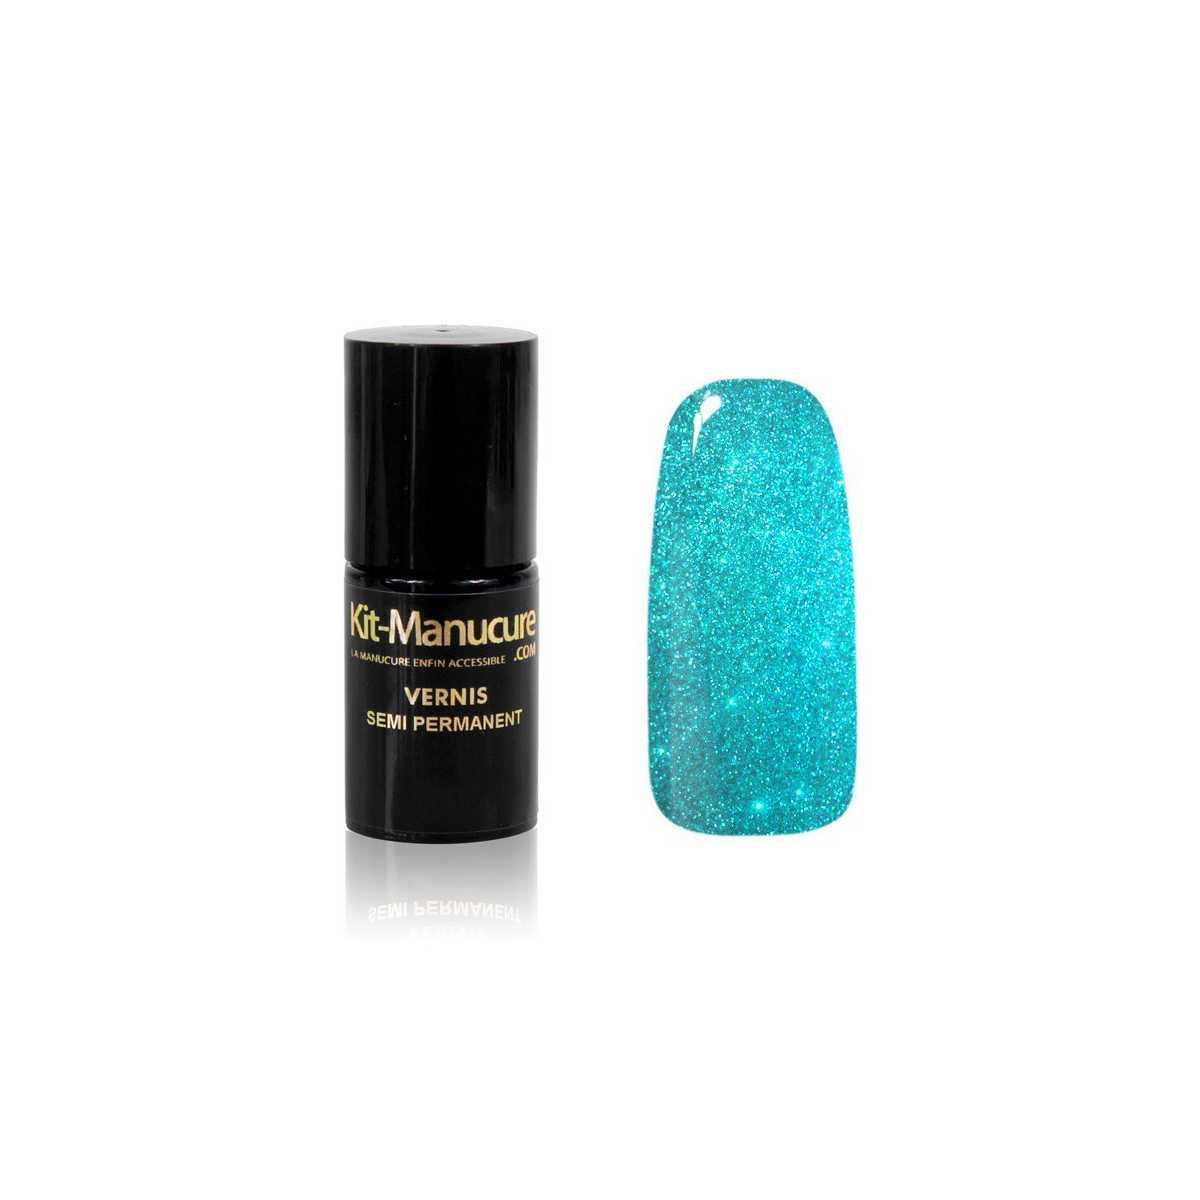 https://www.kit-manucure.com/1891-thickbox_default/vernis-semi-permanent-transparent-à-paillettes-bleues-lagon.jpg